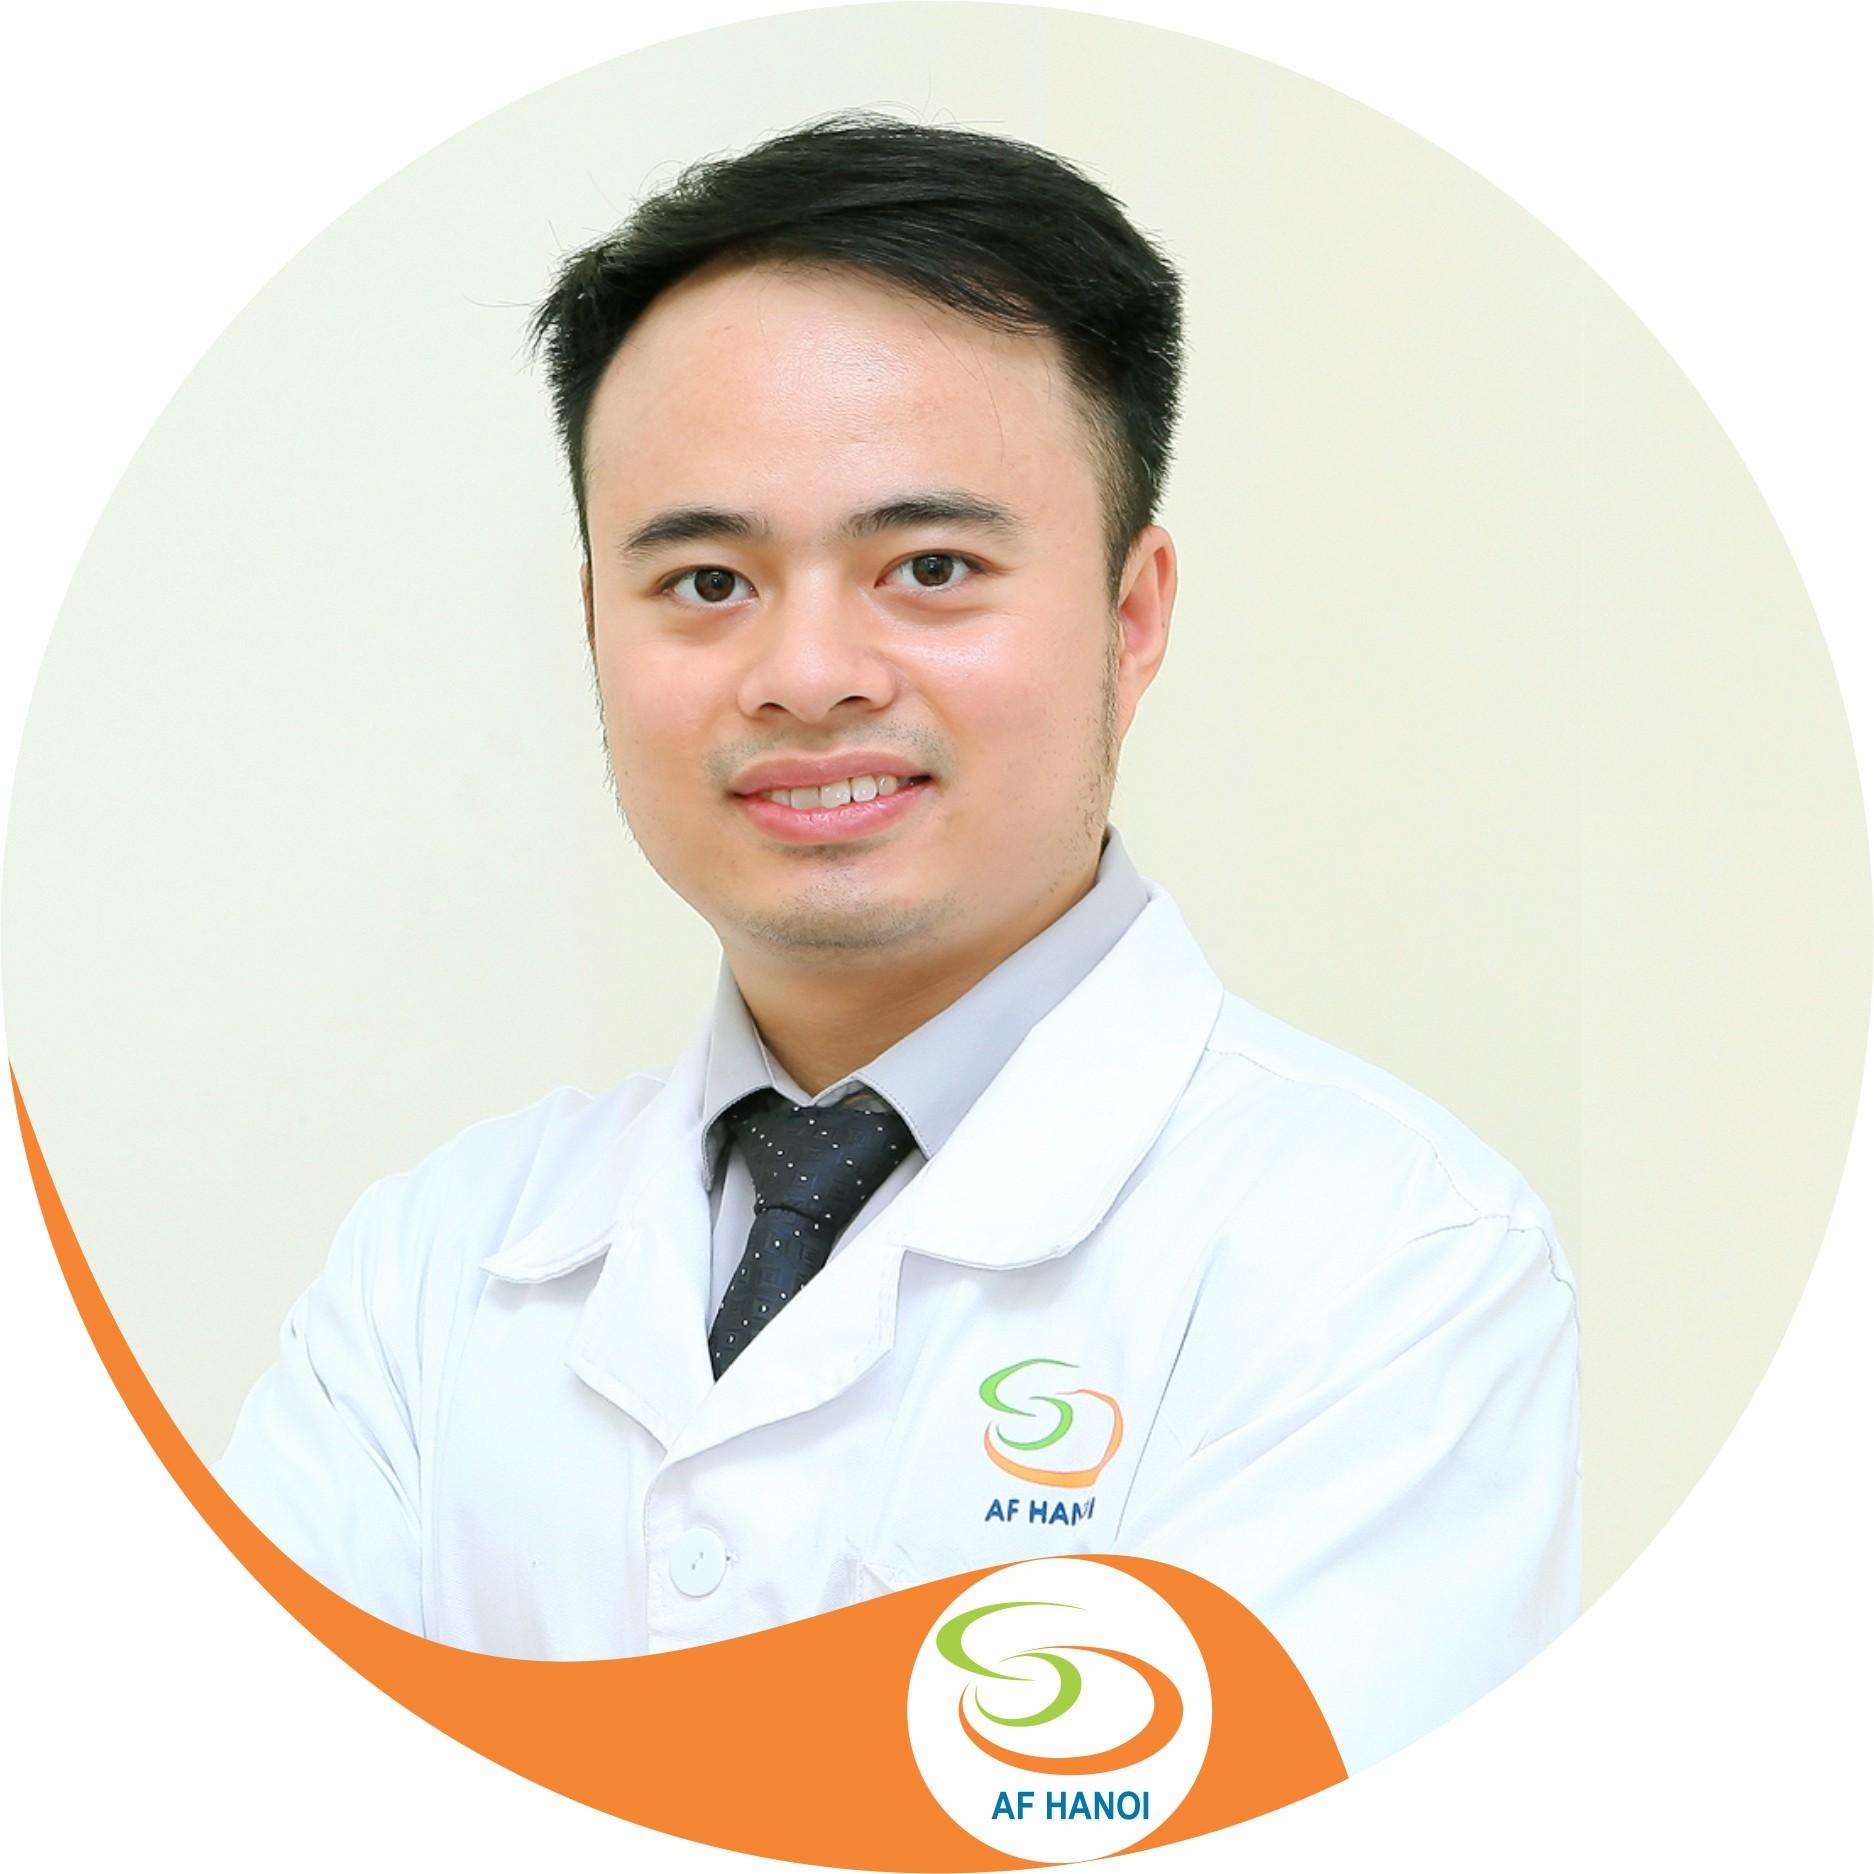 Thạc sỹ Nguyễn Minh Đức